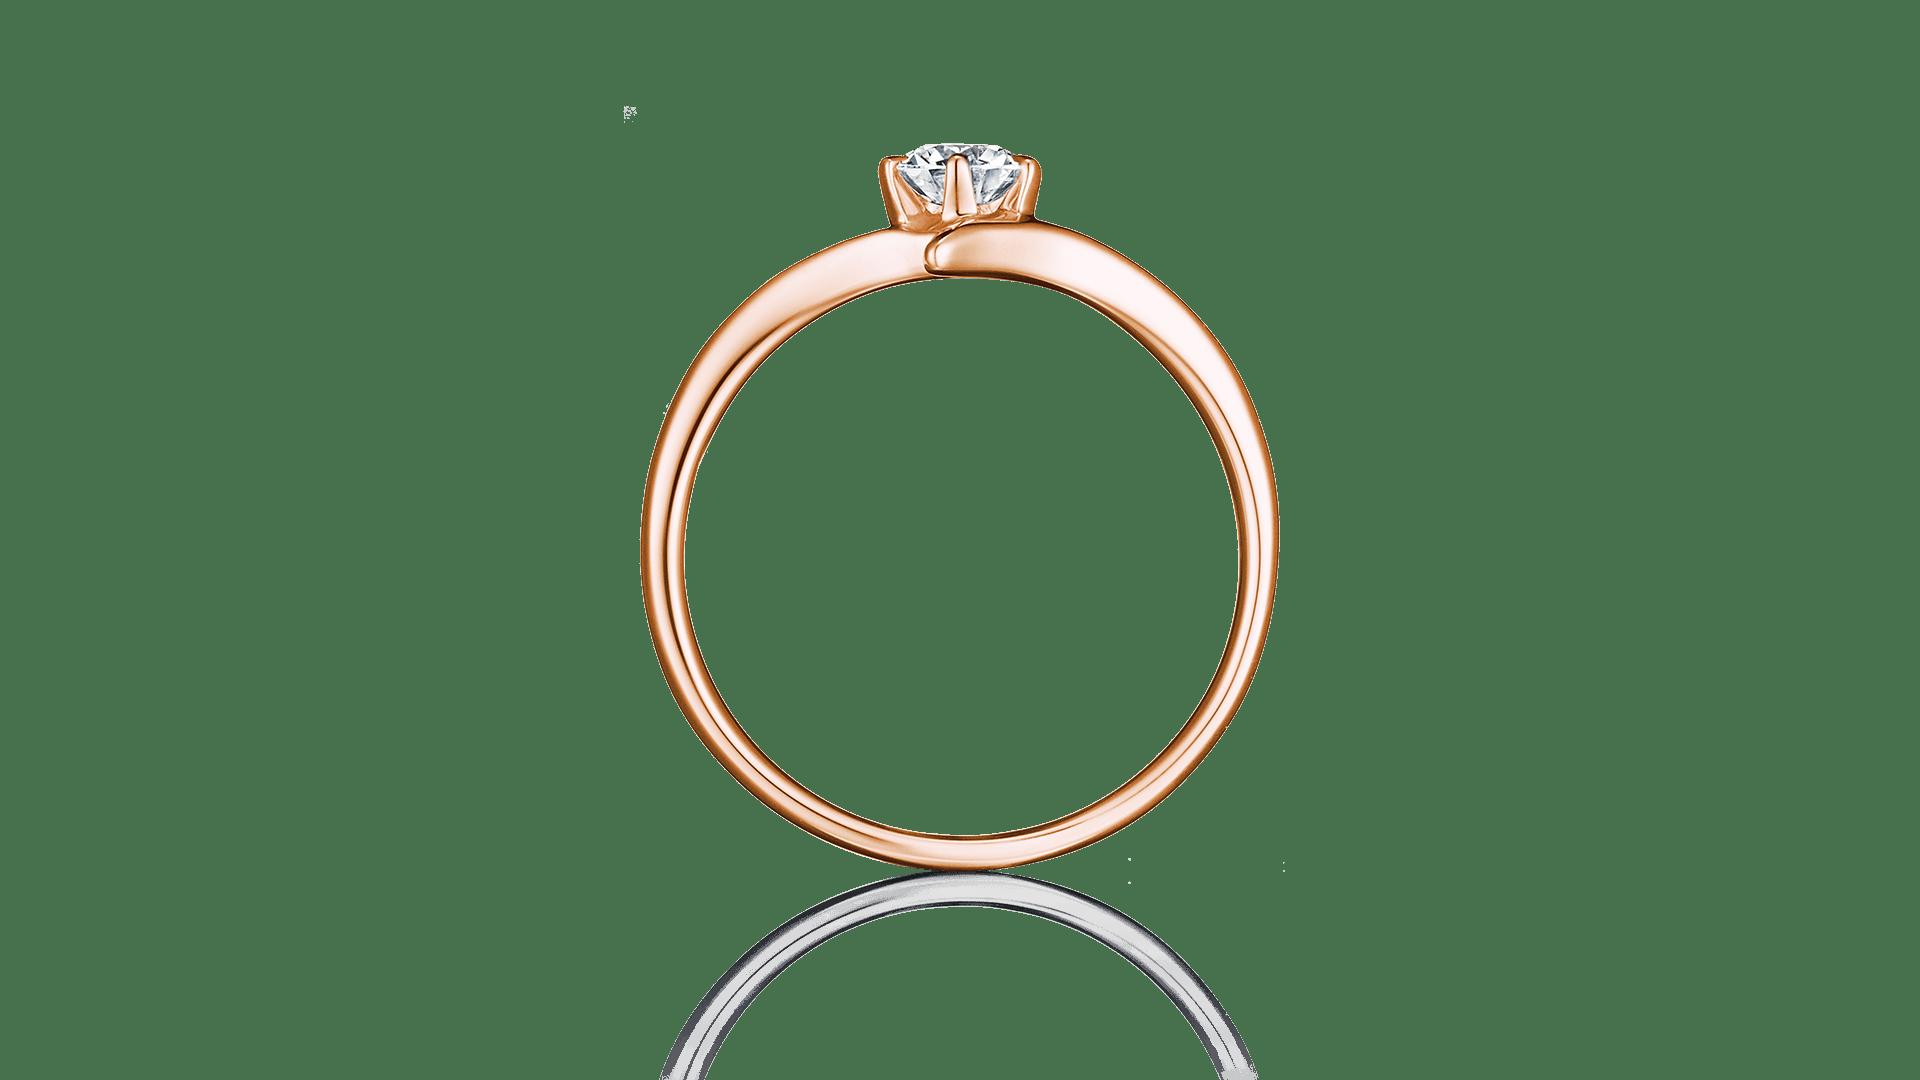 regulus レグルス | 婚約指輪サムネイル 2